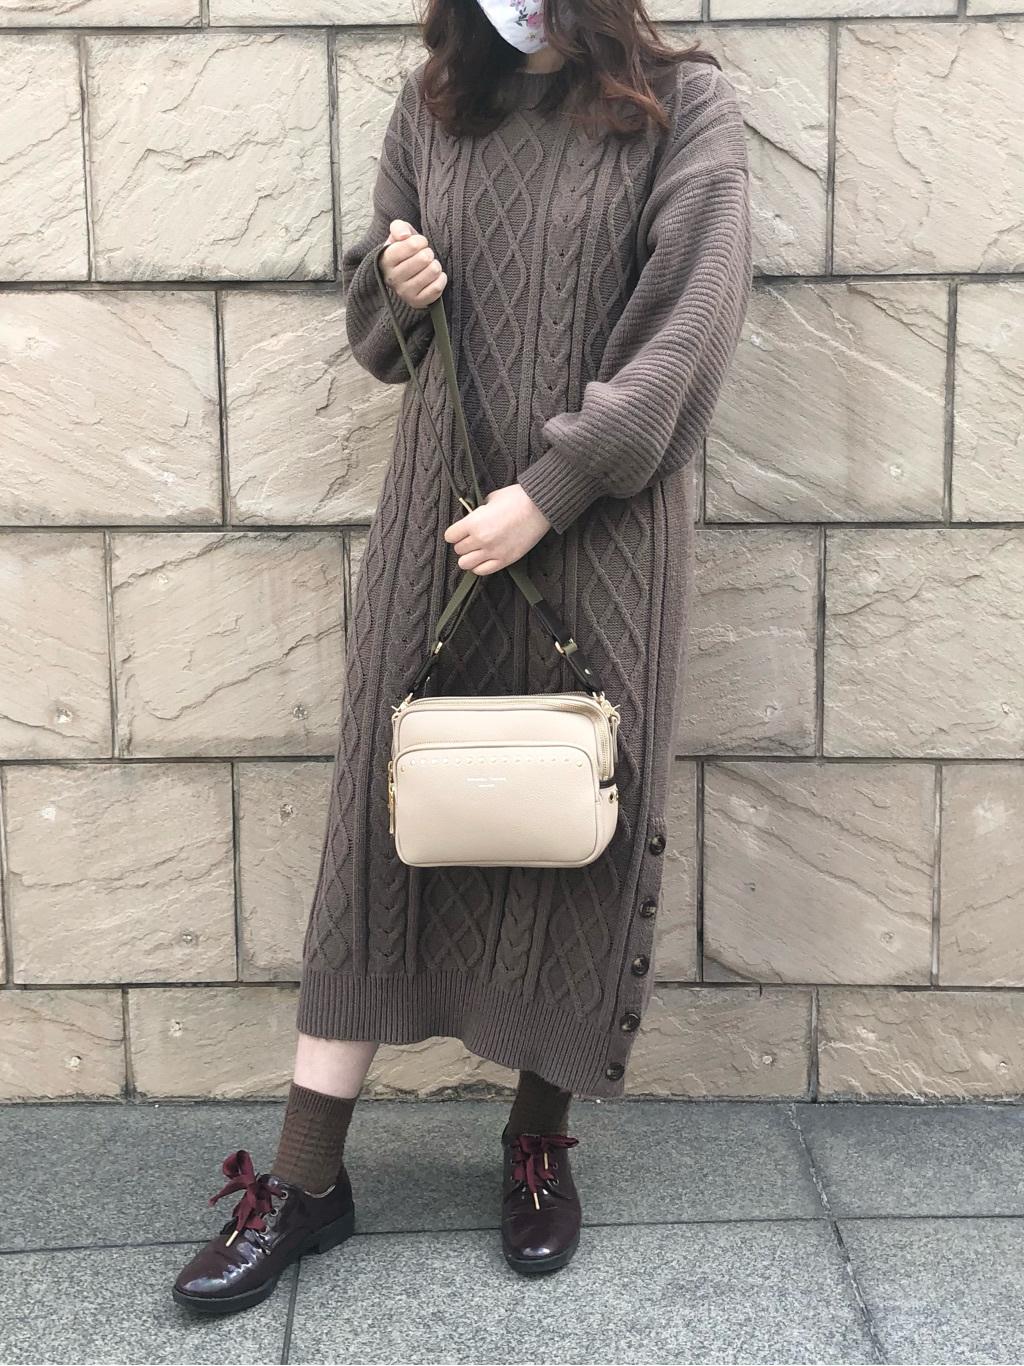 サマンサタバサデラックス サマンサタバサプチチョイス そごう広島店 misaki